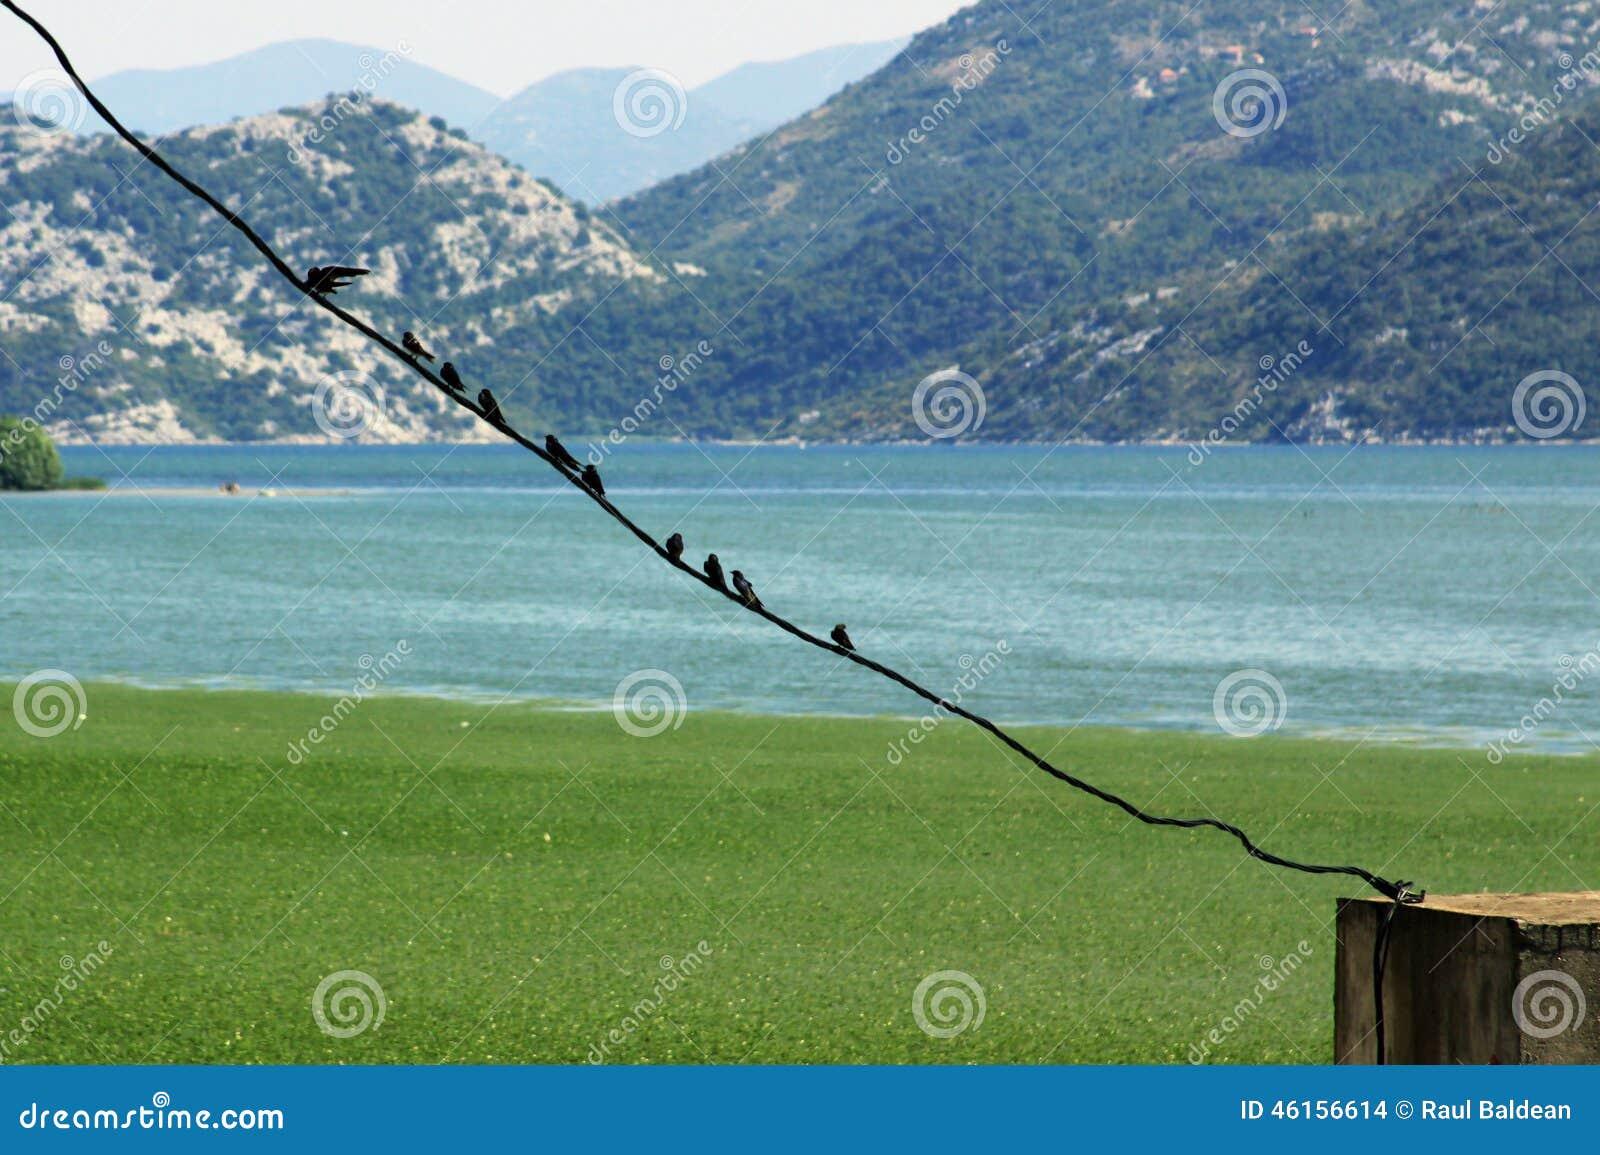 Birds on a line at Skadarsko Jezero swamp